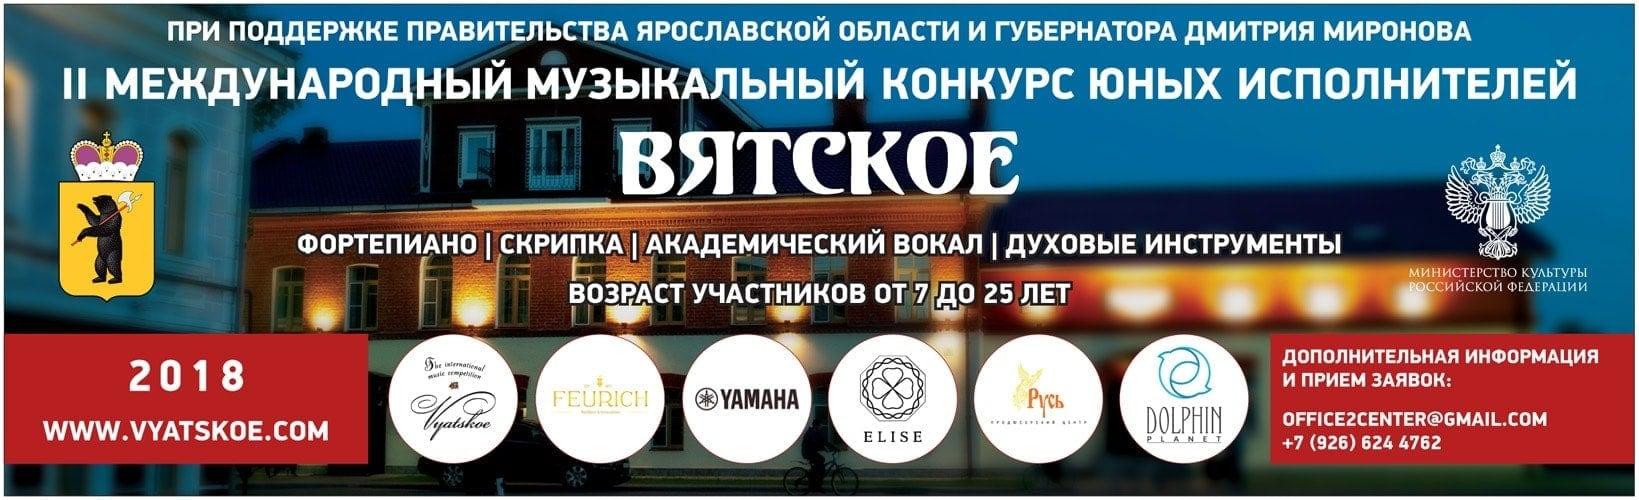 """Международный музыкальный конкурс """"Вятское"""""""